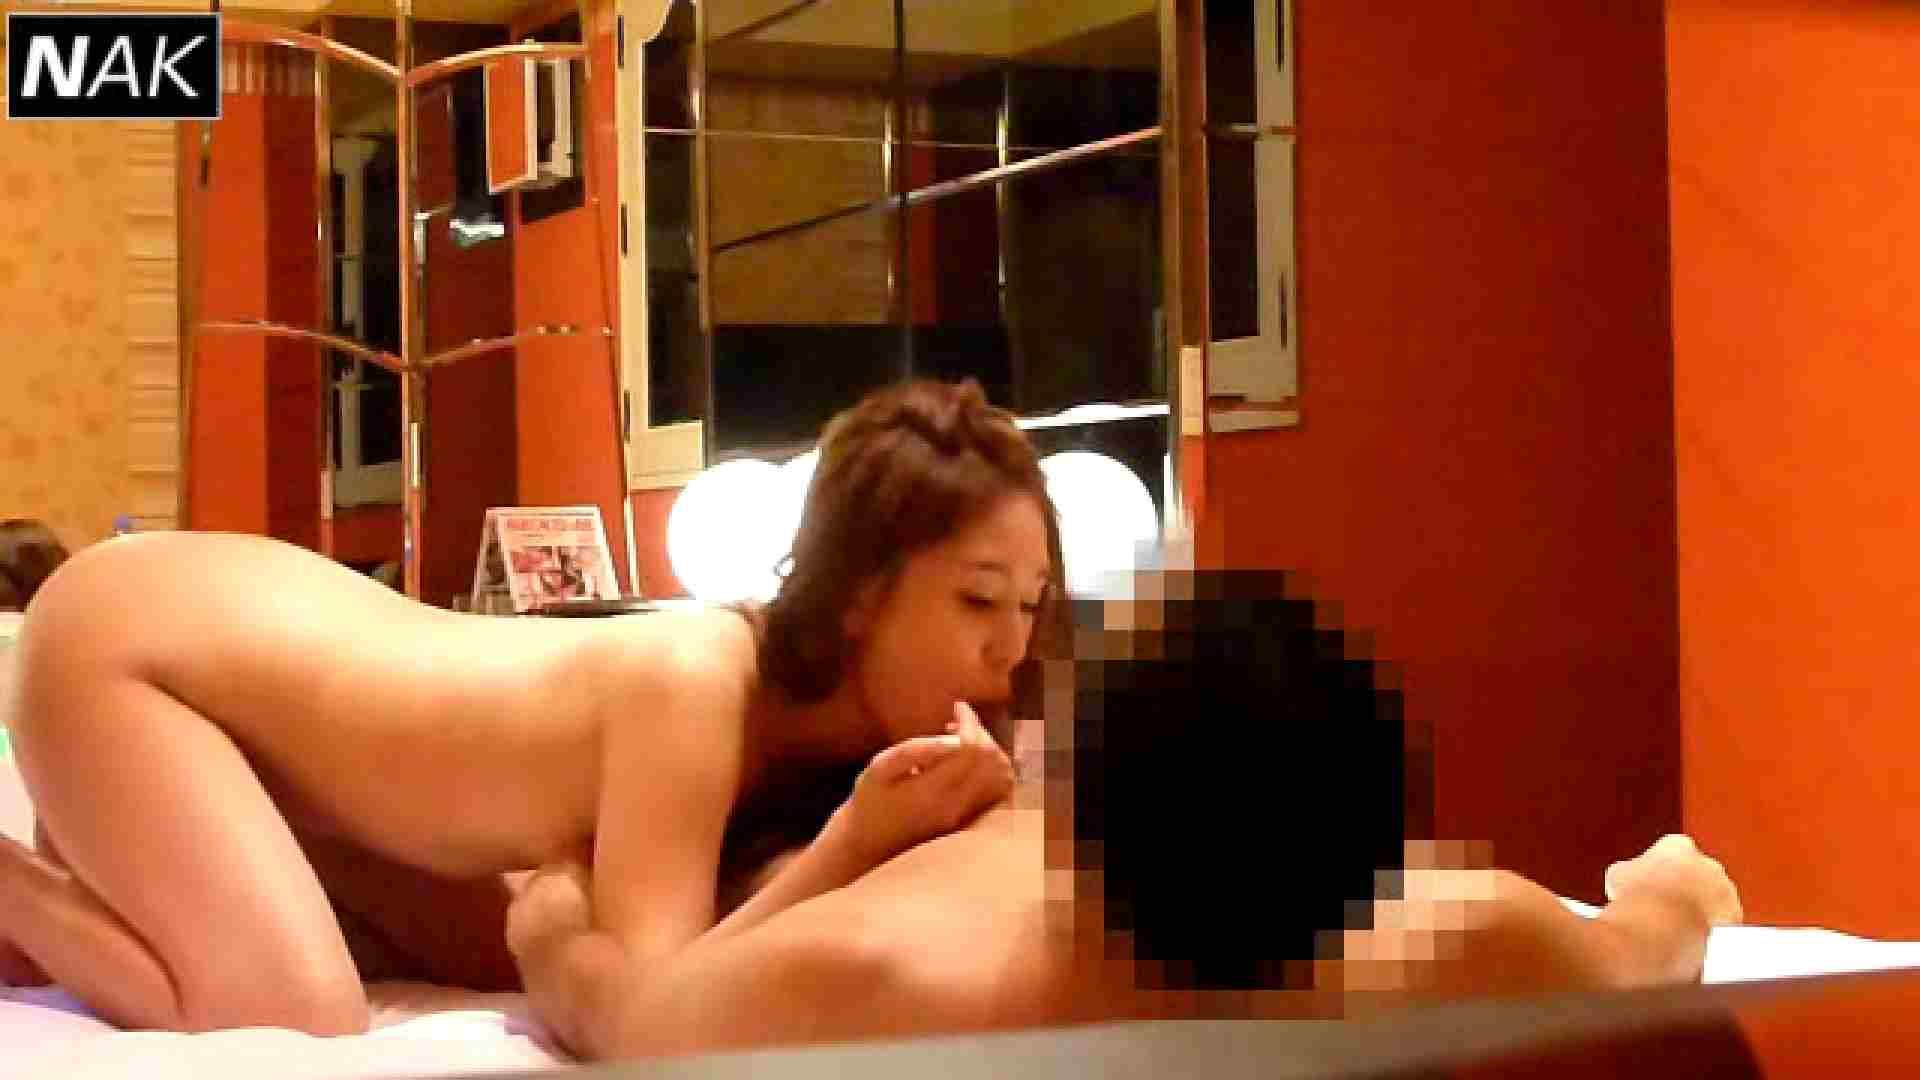 韓国芸能プロダクションタレントのたまご Vol.06 タレント   0  79画像 47